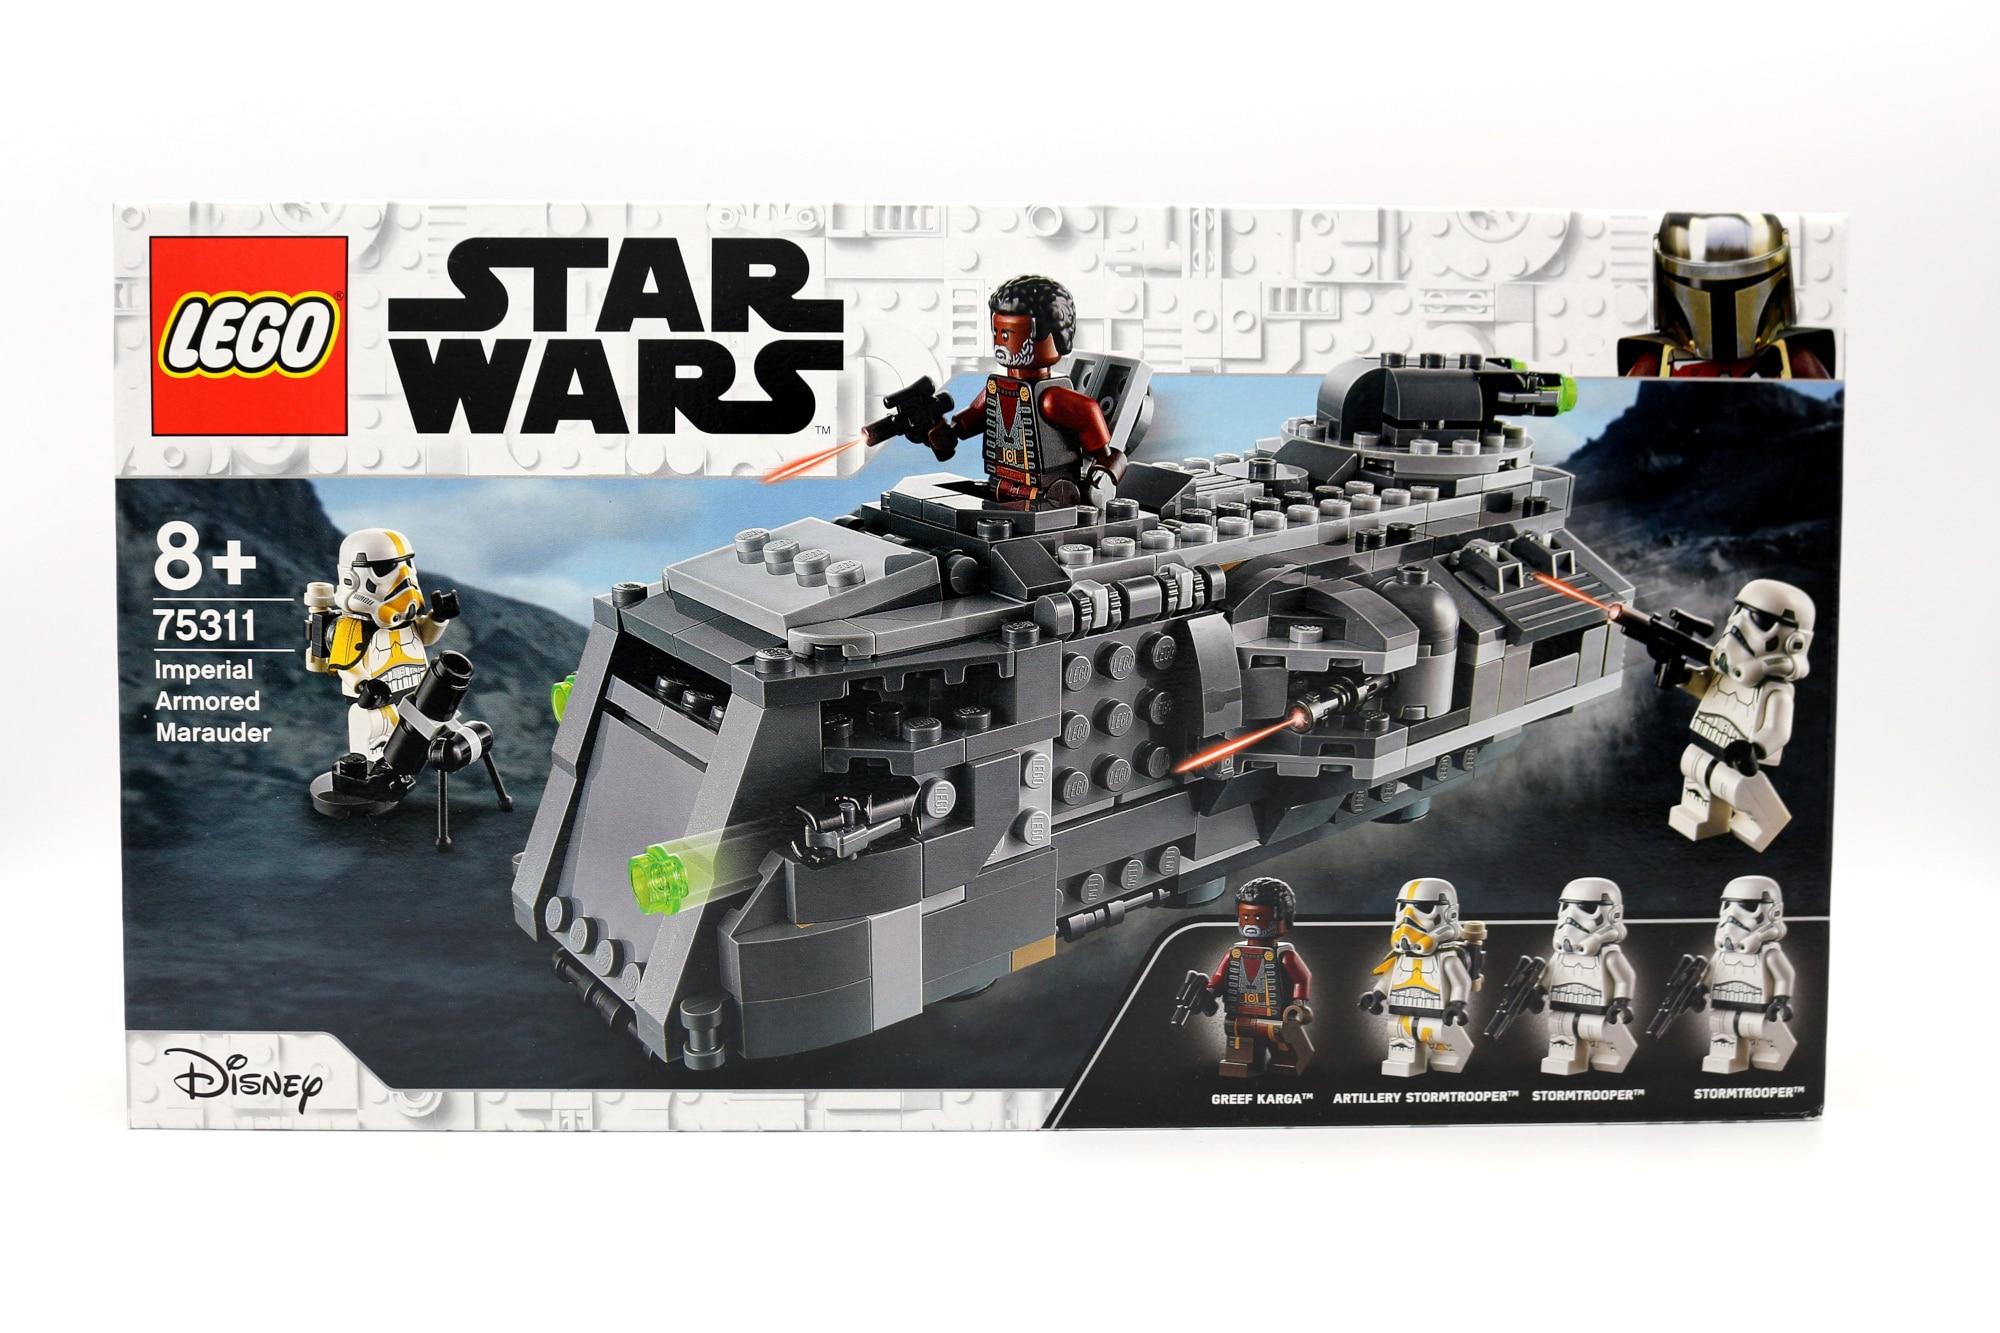 LEGO Star Wars 75311 Imperial Marauder 1